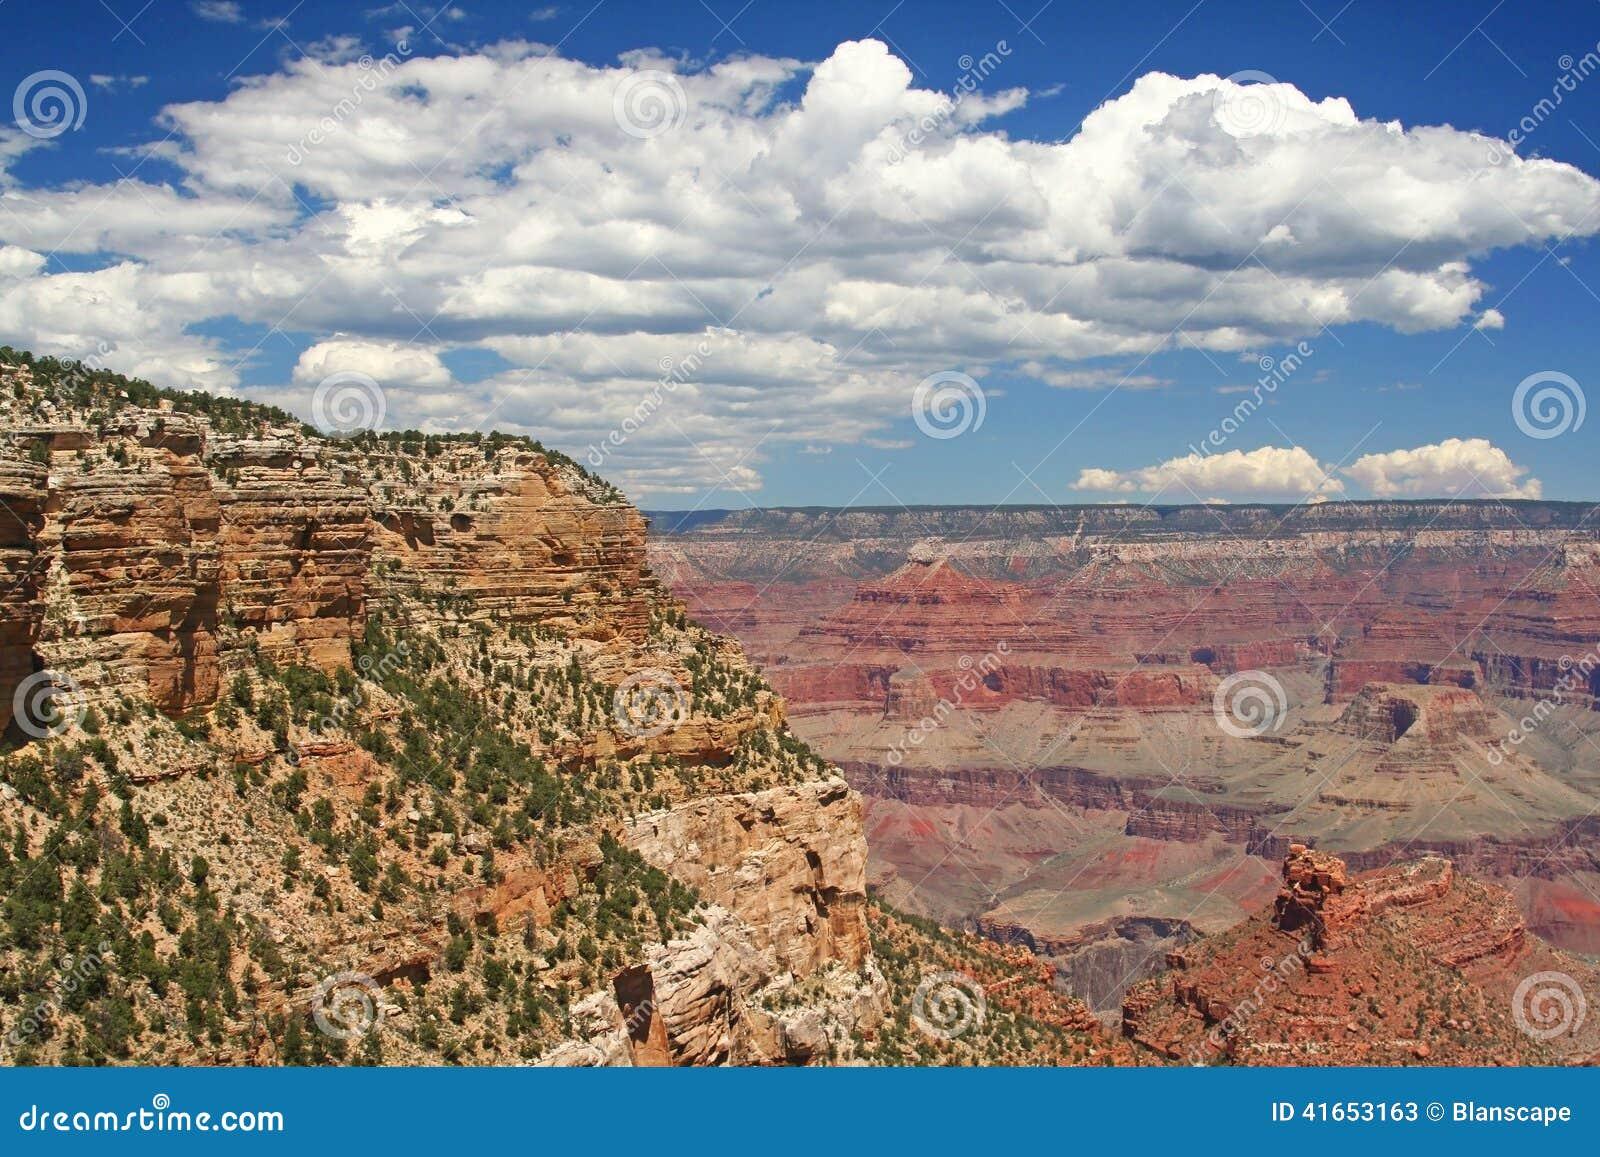 Гранд-каньон против голубого неба